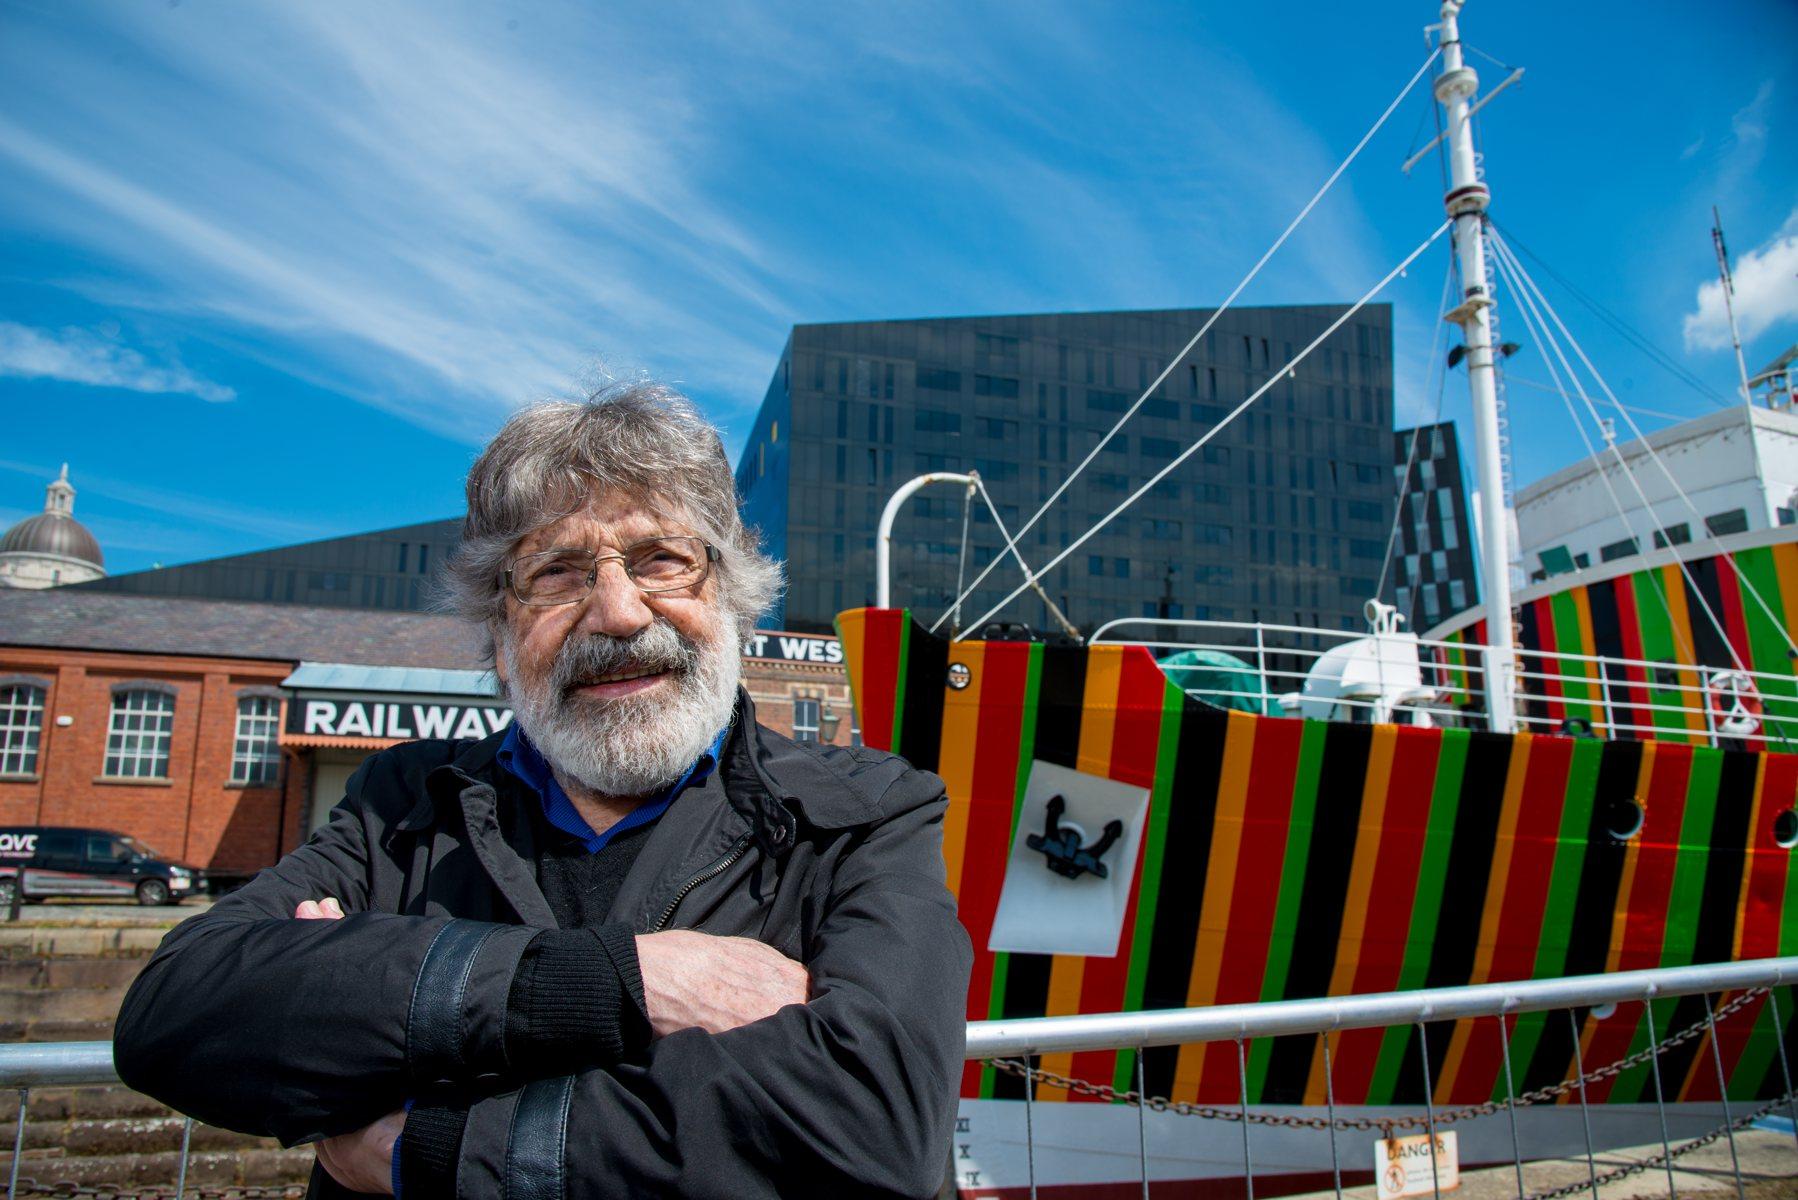 Carlos Cruz-Diez, Induction Chromatique à Double Fréquence pour l'Edmund Gardner Ship / Liverpool. Paris, 2014. Photograph by Mark McNulty